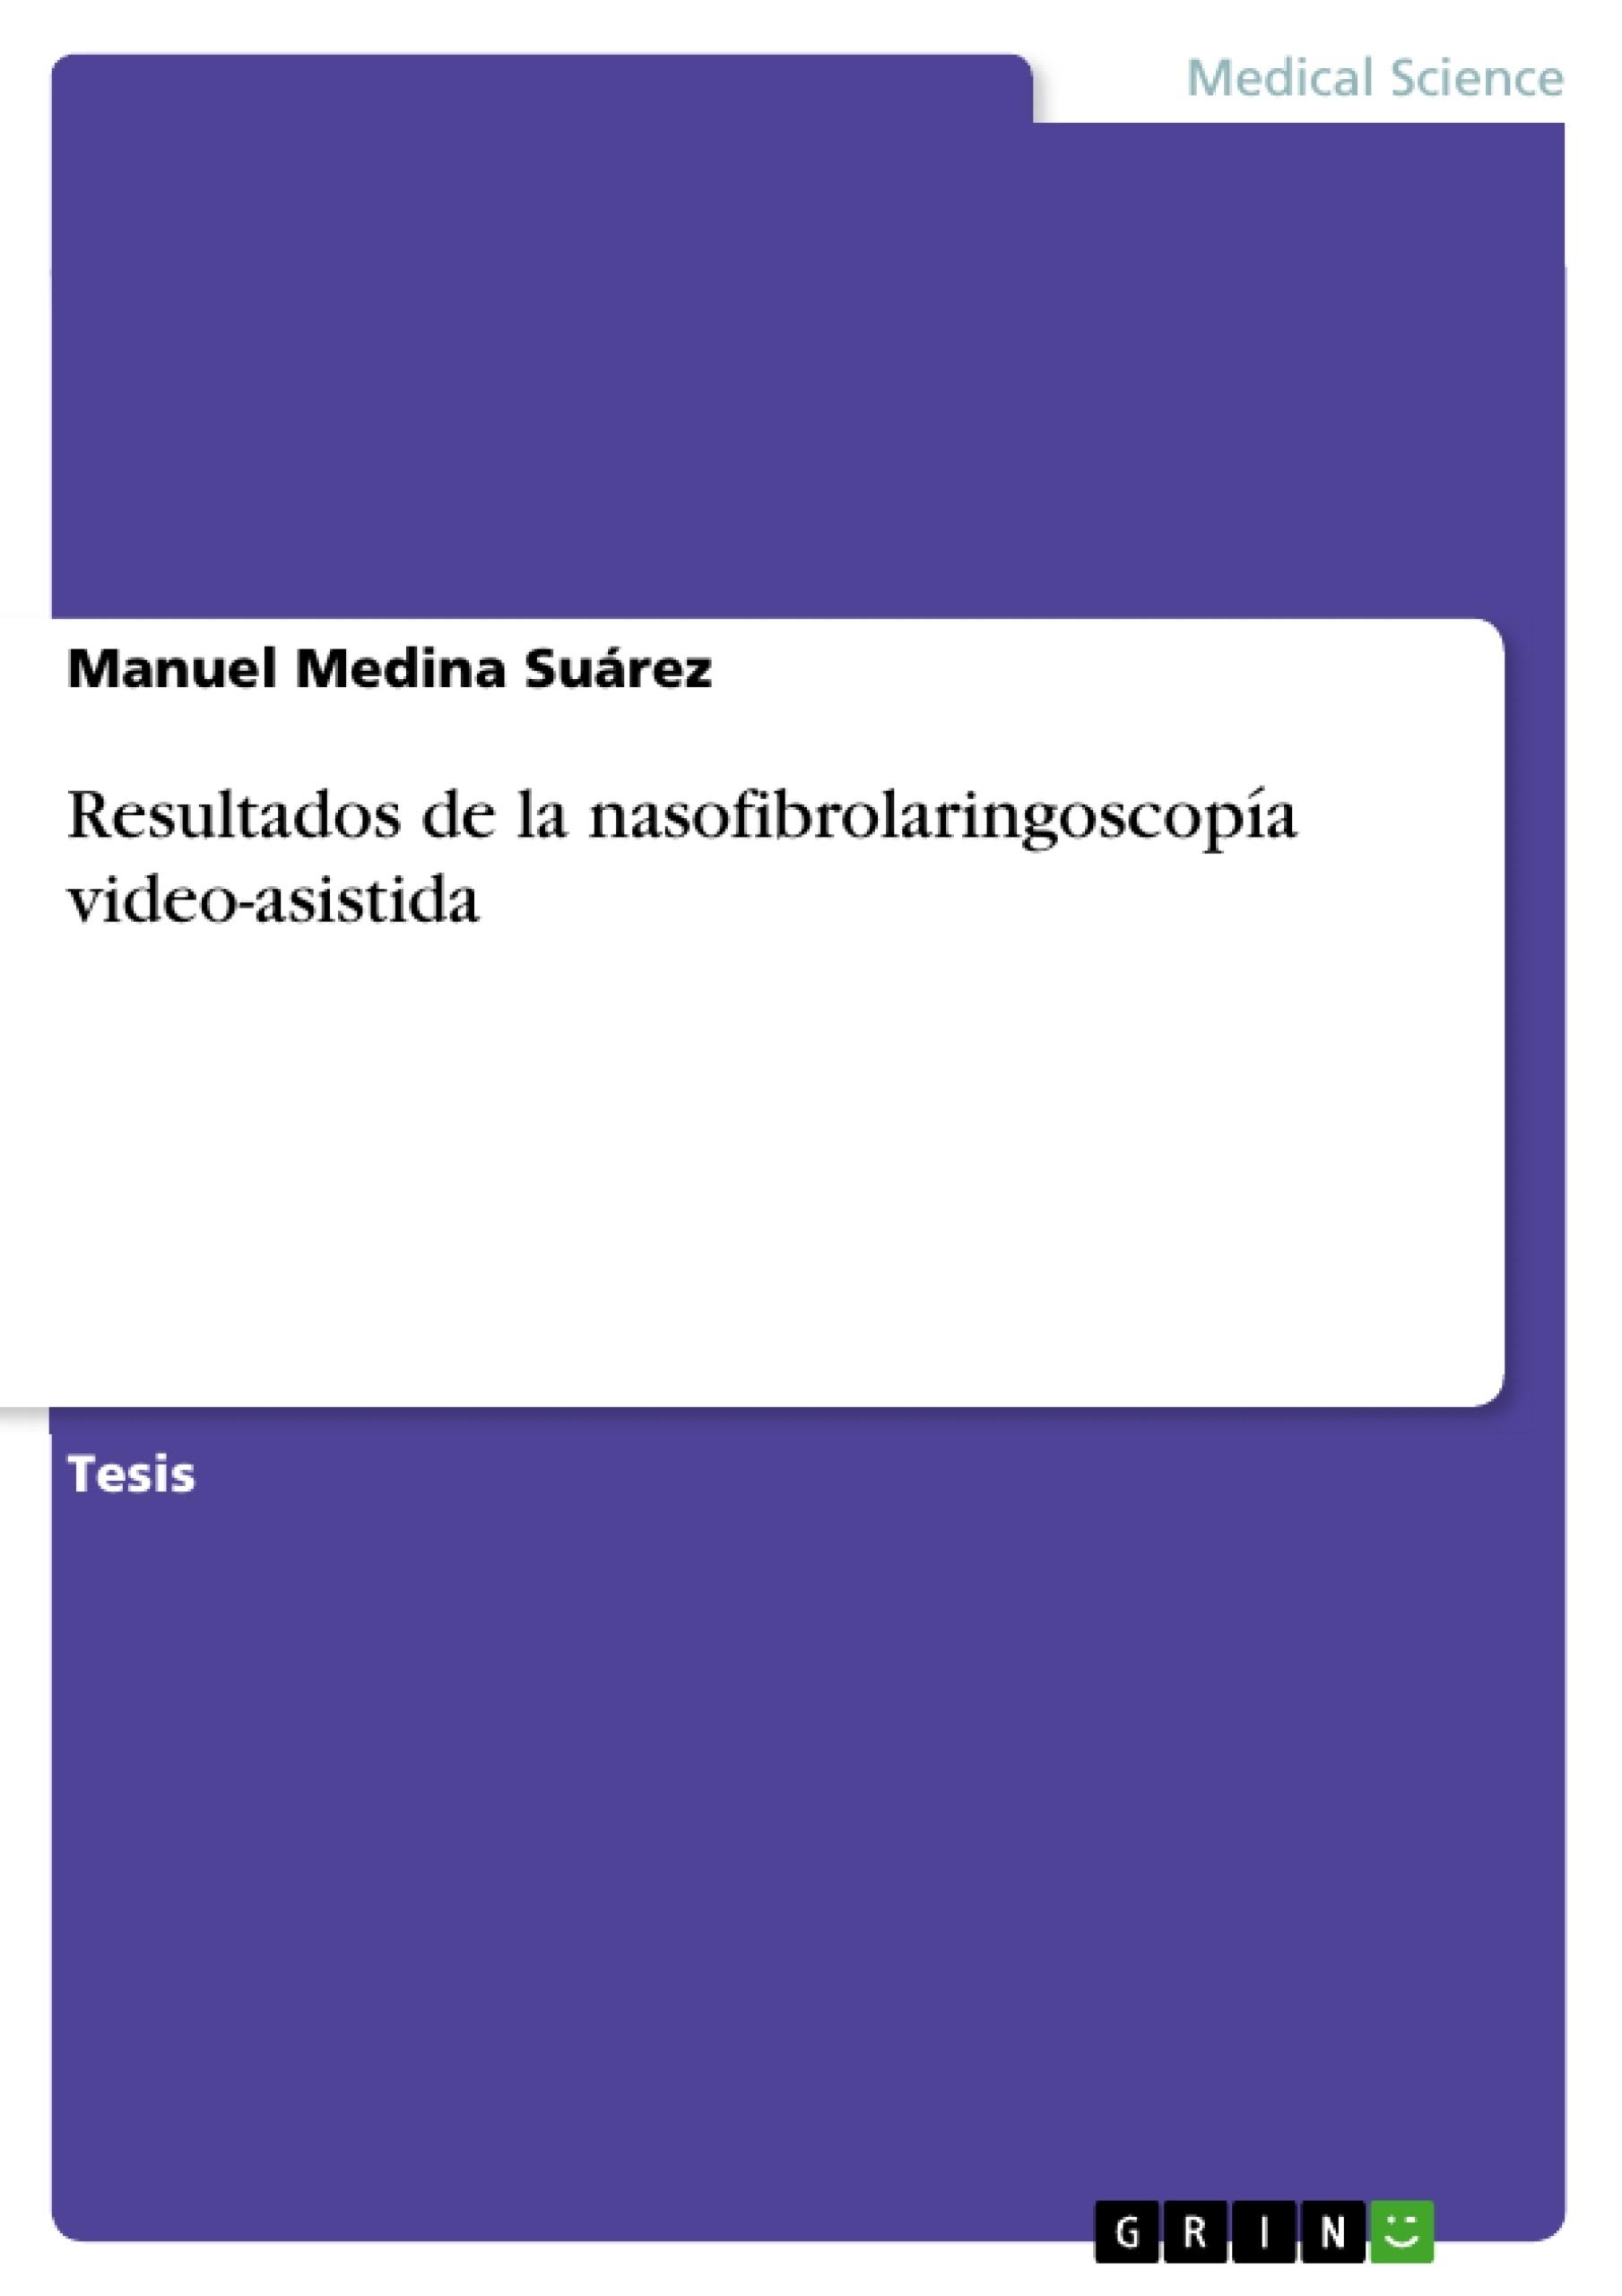 Título: Resultados de la nasofibrolaringoscopía video-asistida